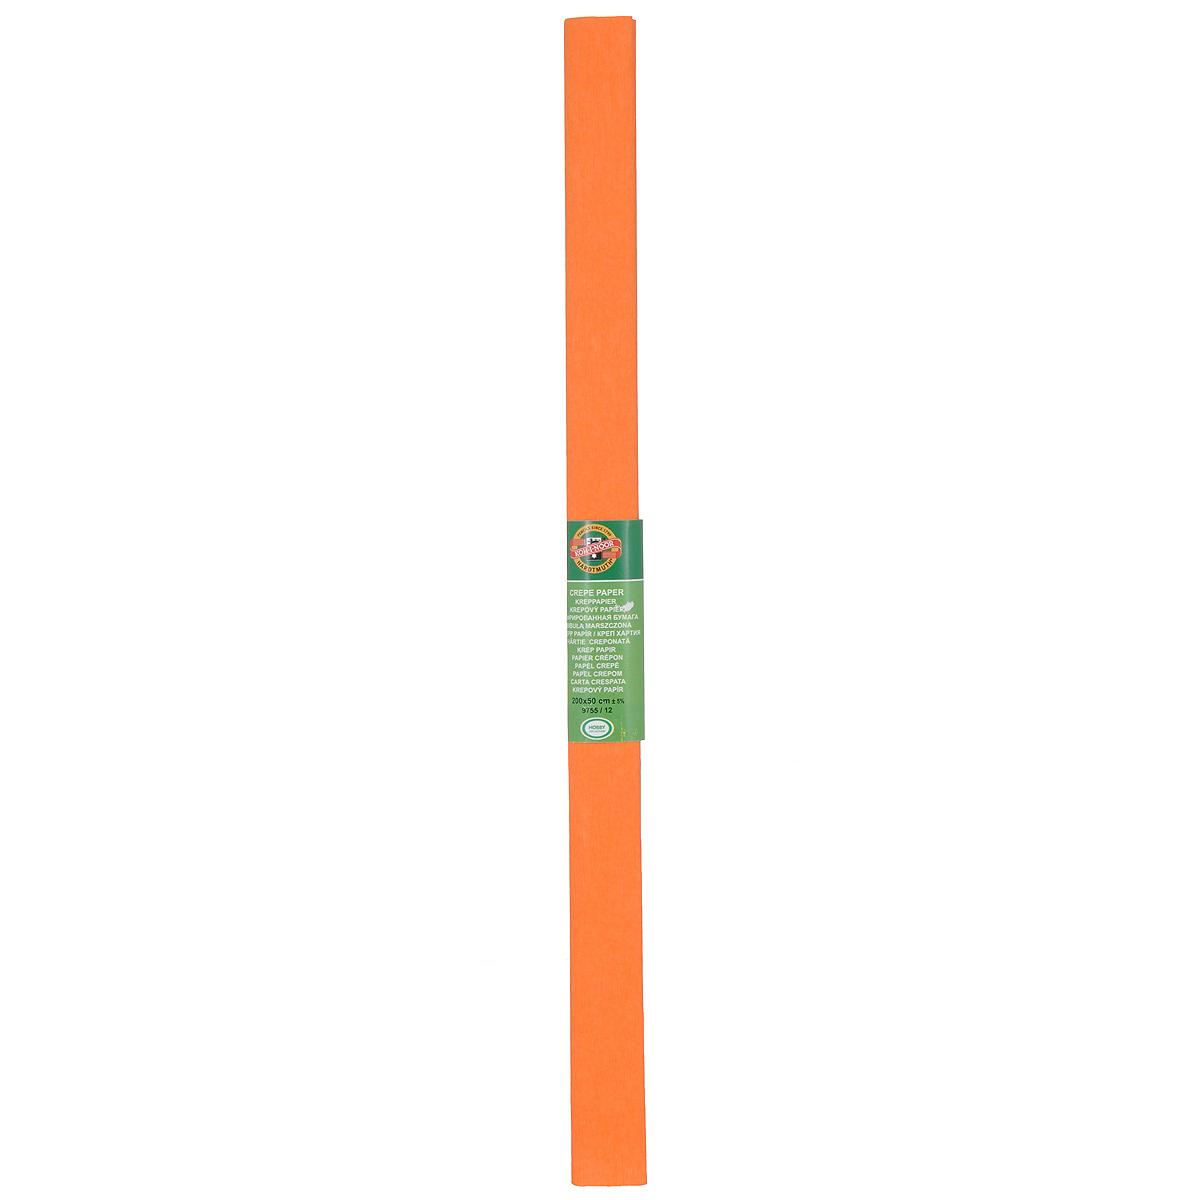 """Бумага гофрированная """"Koh-I-Noor"""", цвет: оранжевый, 50 см x 2 м"""